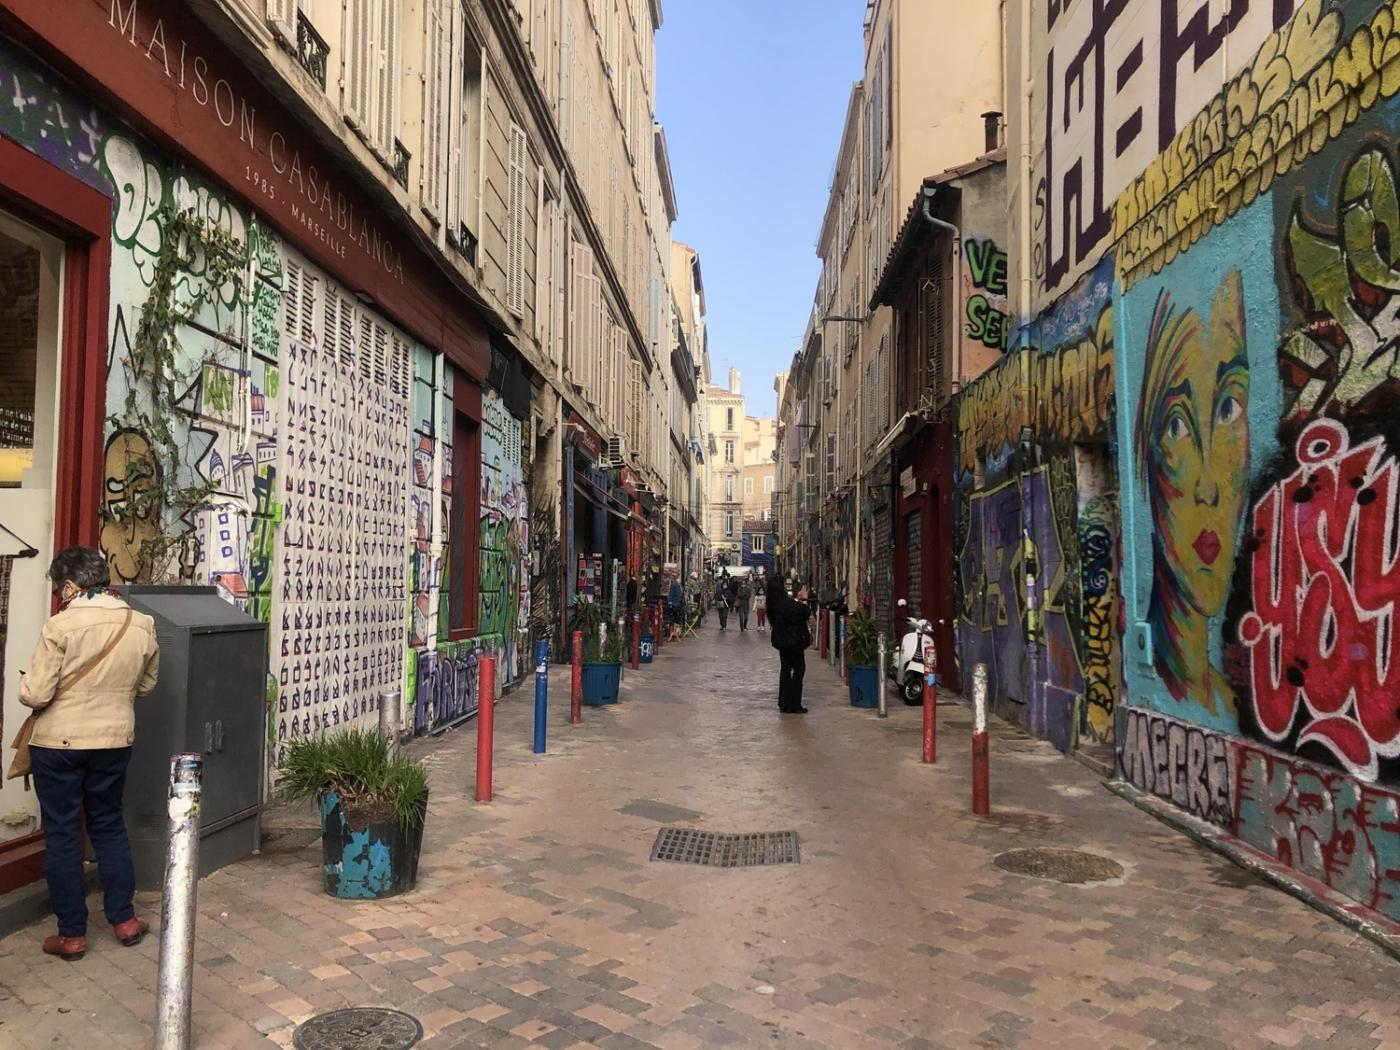 , Vers la piétonnisation des rues entre le Cours Ju et la Plaine cet été ?, Made in Marseille